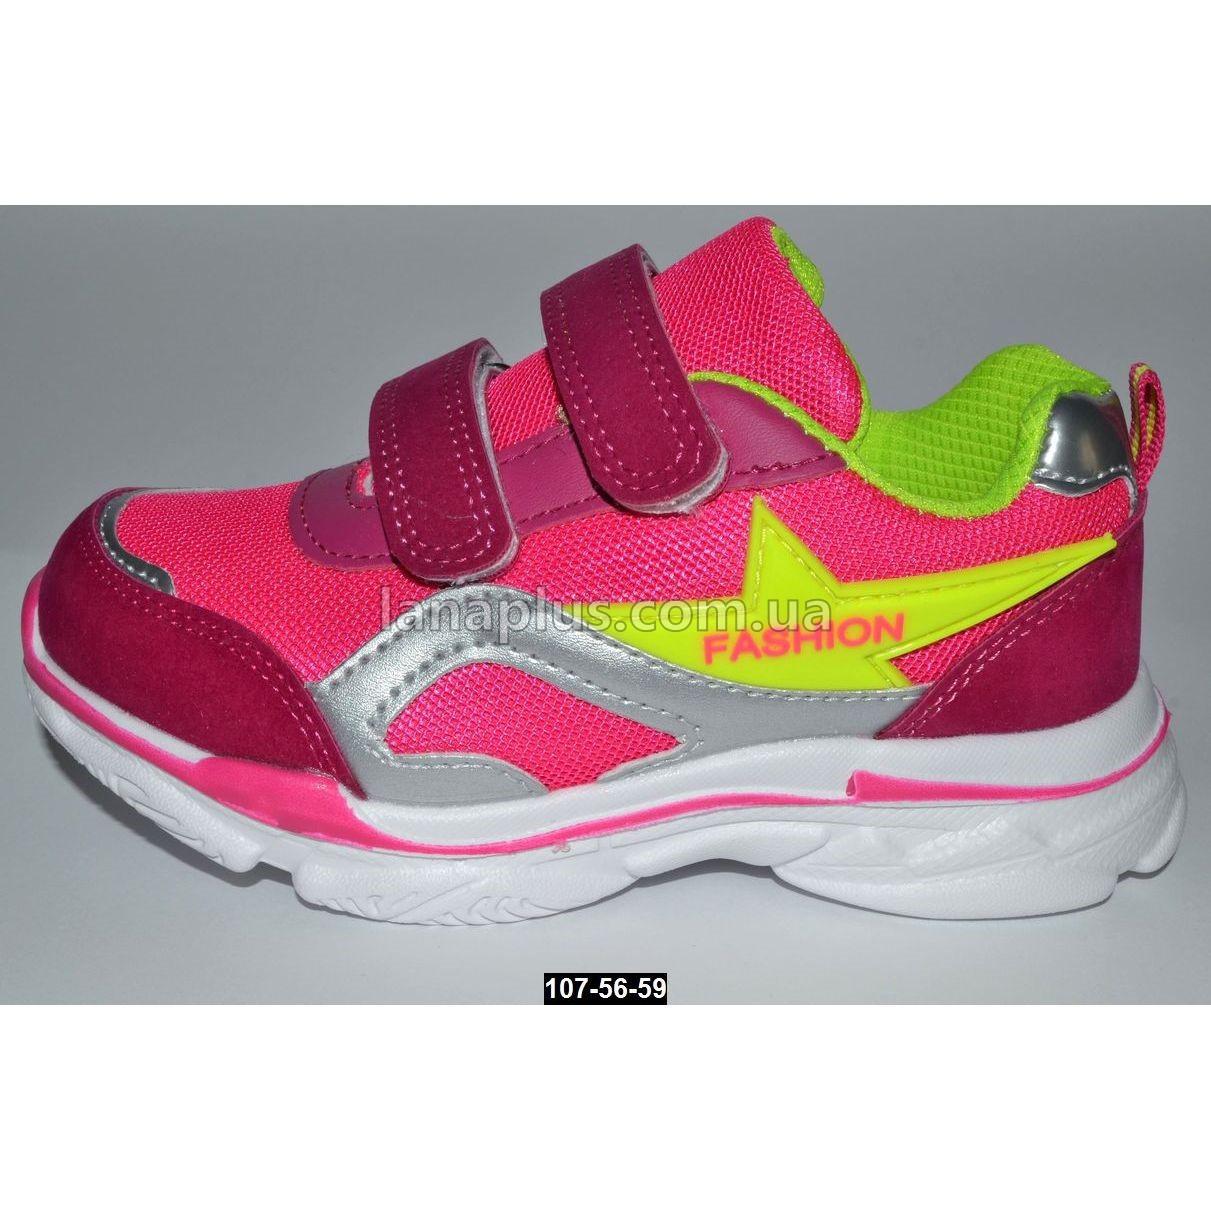 Дышащие кроссовки для девочки, 30 размер (18.5 см), Tom.m, кожаная стелька, супинатор, 107-56-59